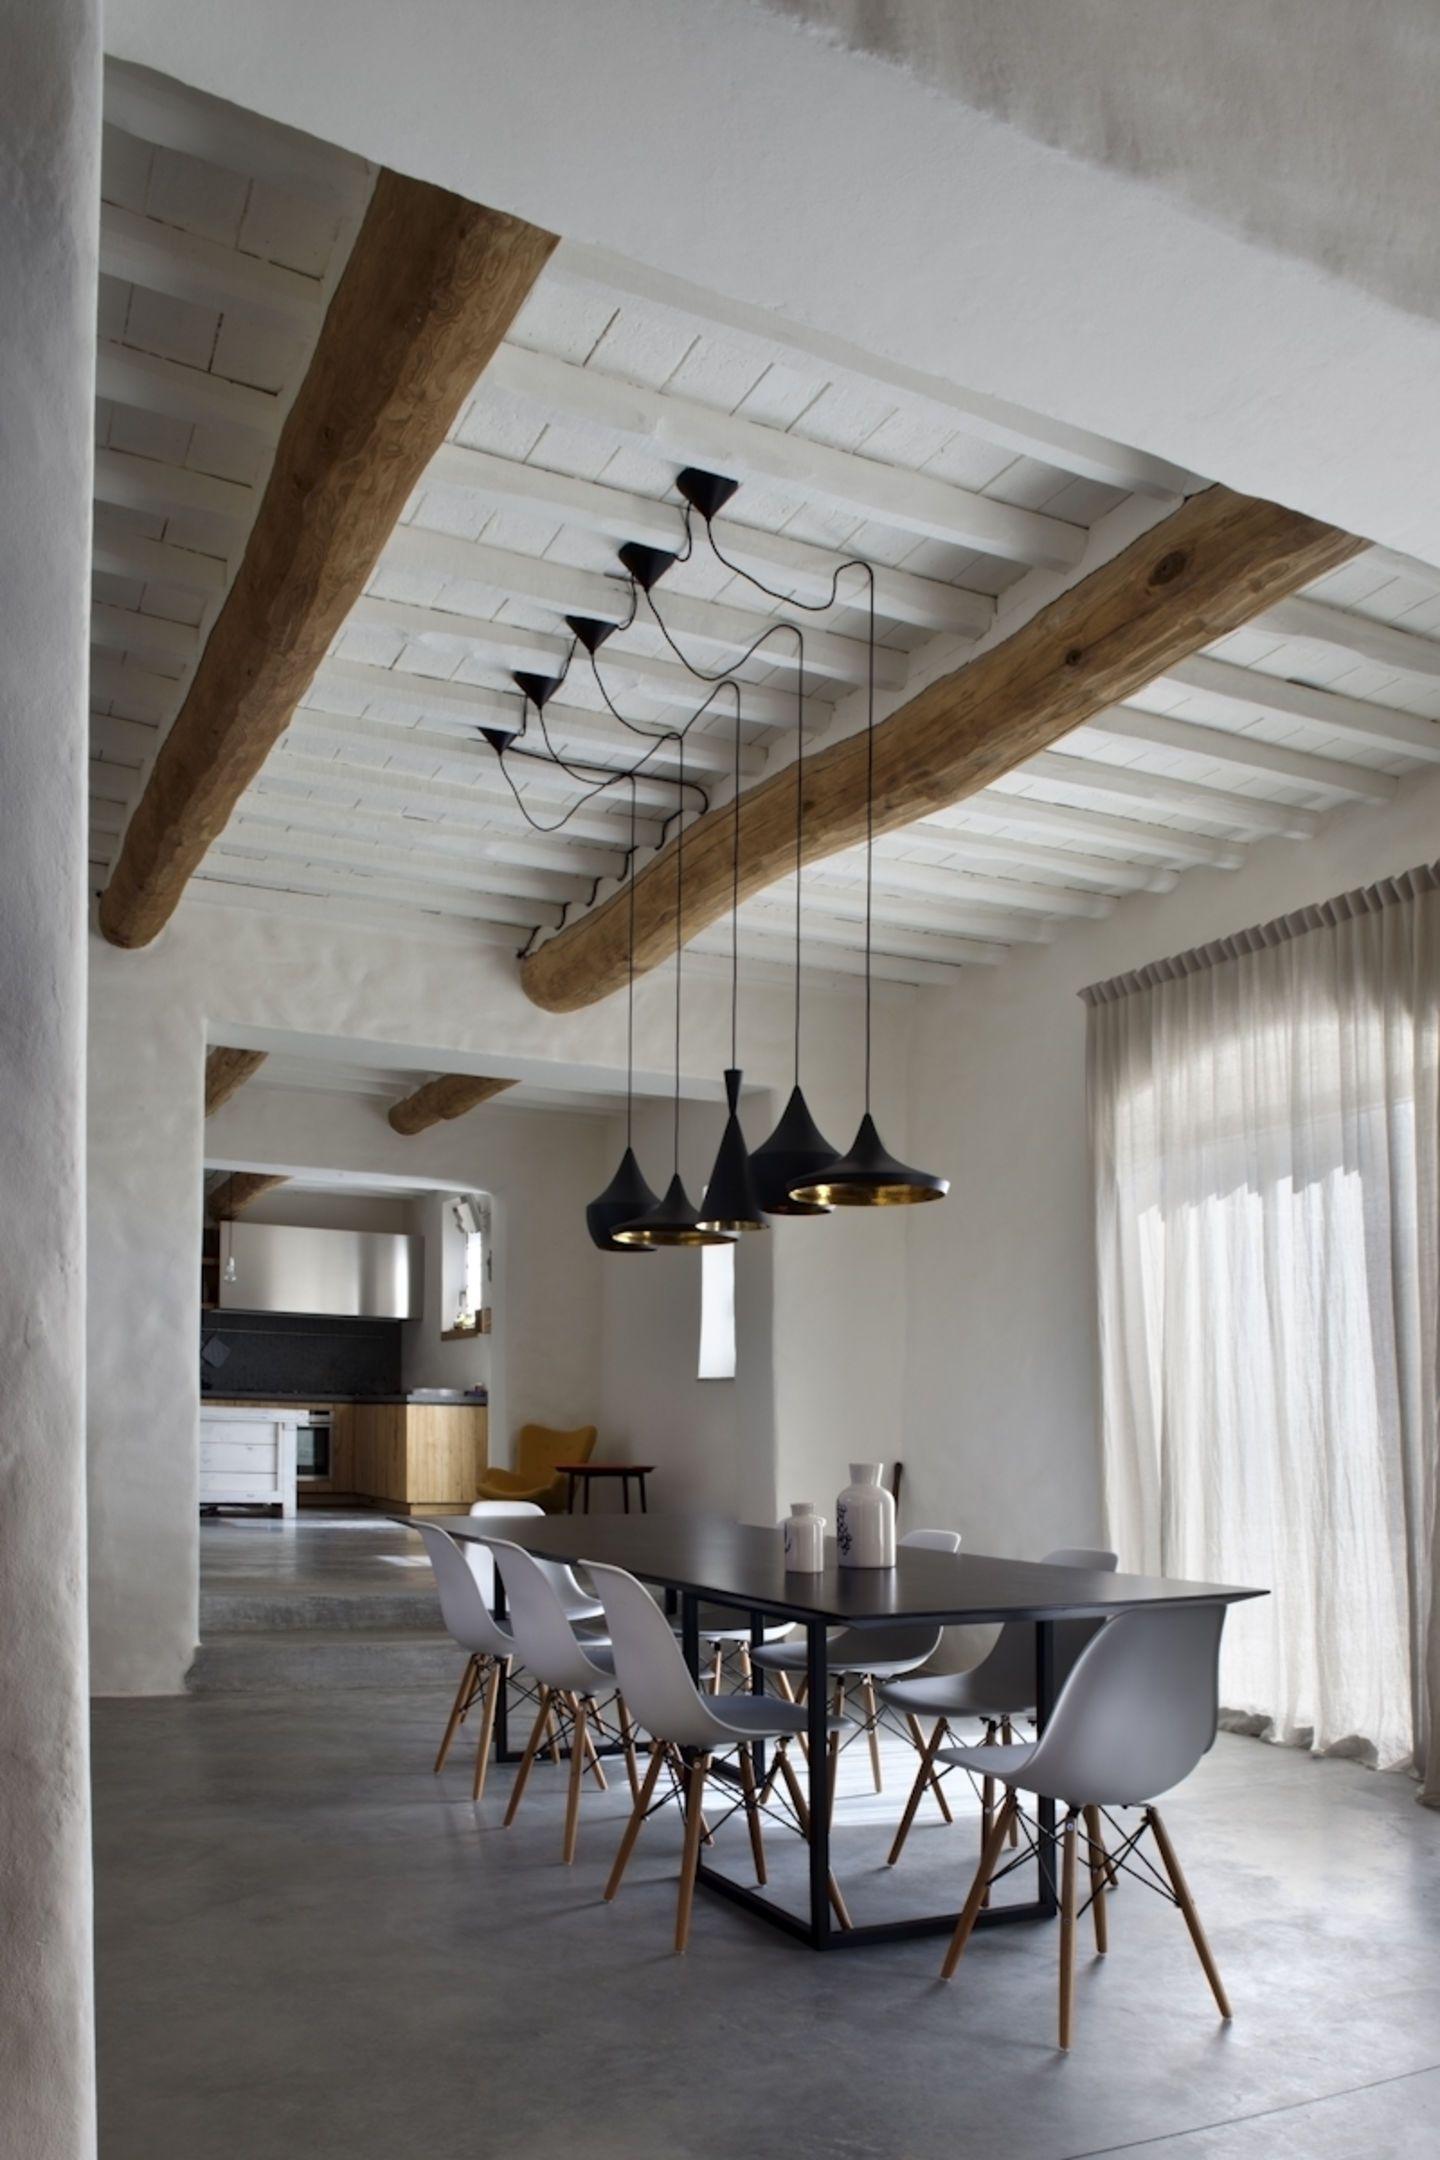 Alessandra bello mide architetti casale in campagna for Case ristrutturate da architetti